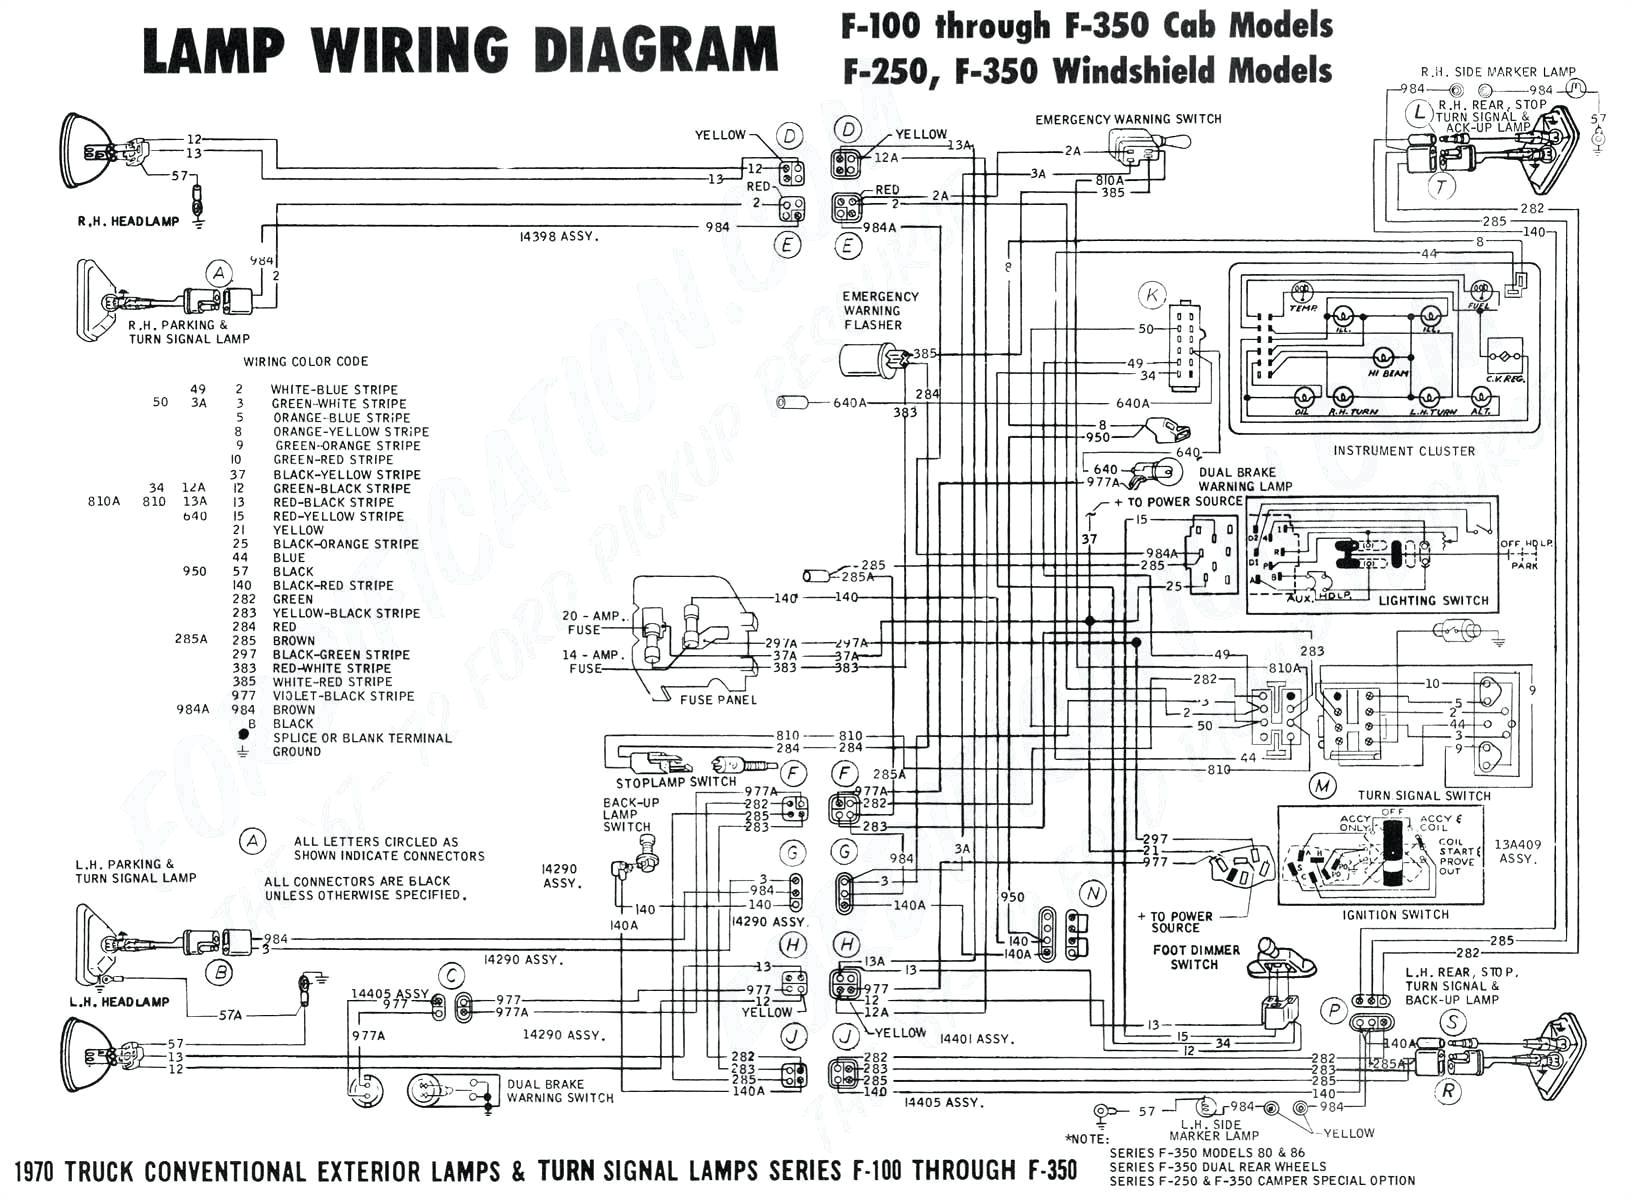 pioneer avh p1400dvd wiring diagram unique pioneer fh x830bhs wiring diagram electrical wiring diagrams pics of